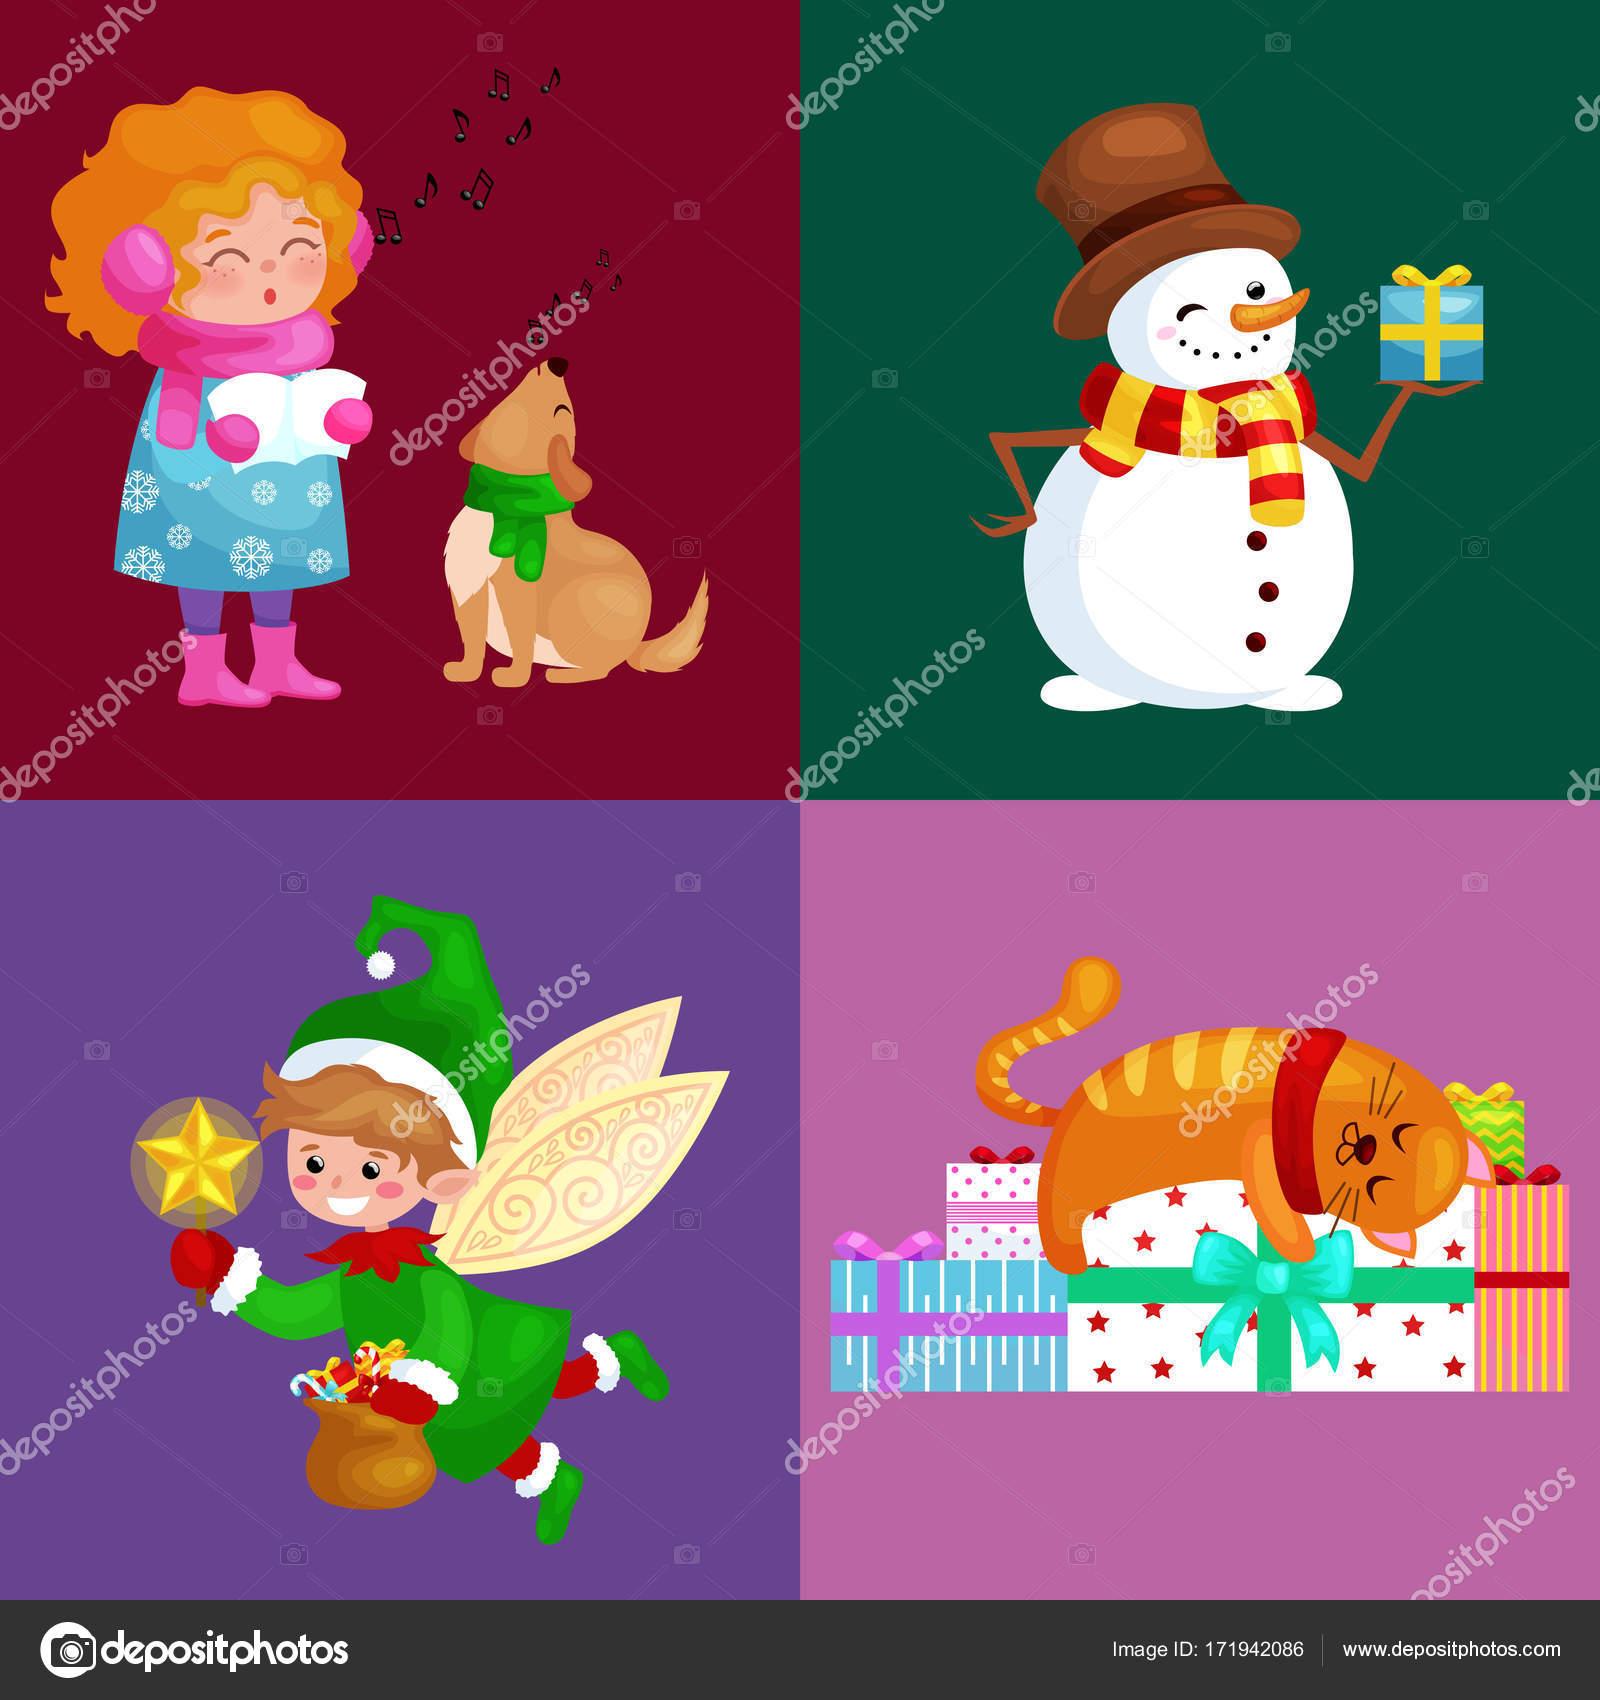 Chanson Un Joyeux Noel.Illustrations Mis Joyeux Noel Bonne Annee Fille Chanter Des